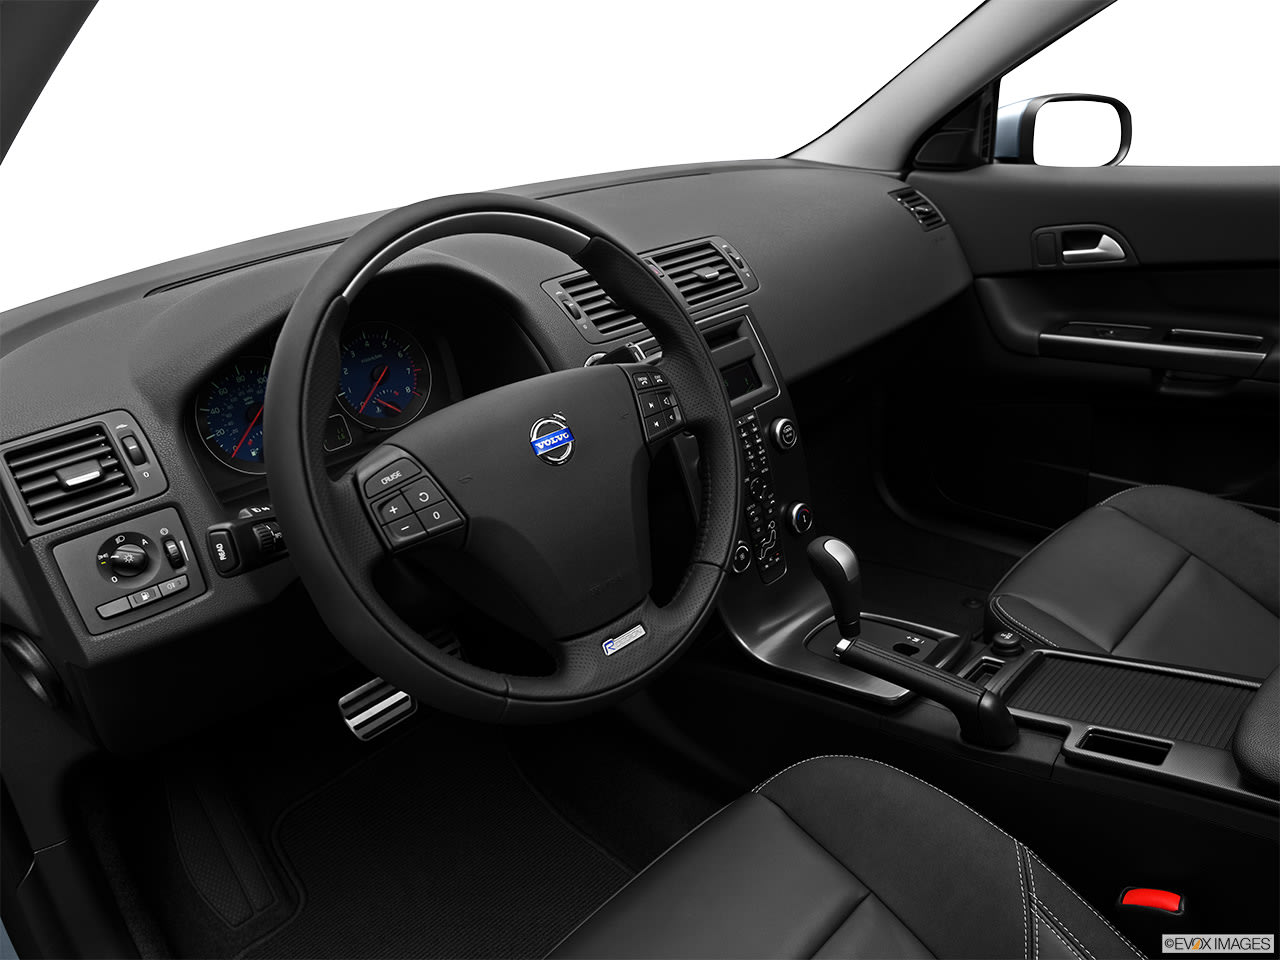 Volvo C30 2012 Interior